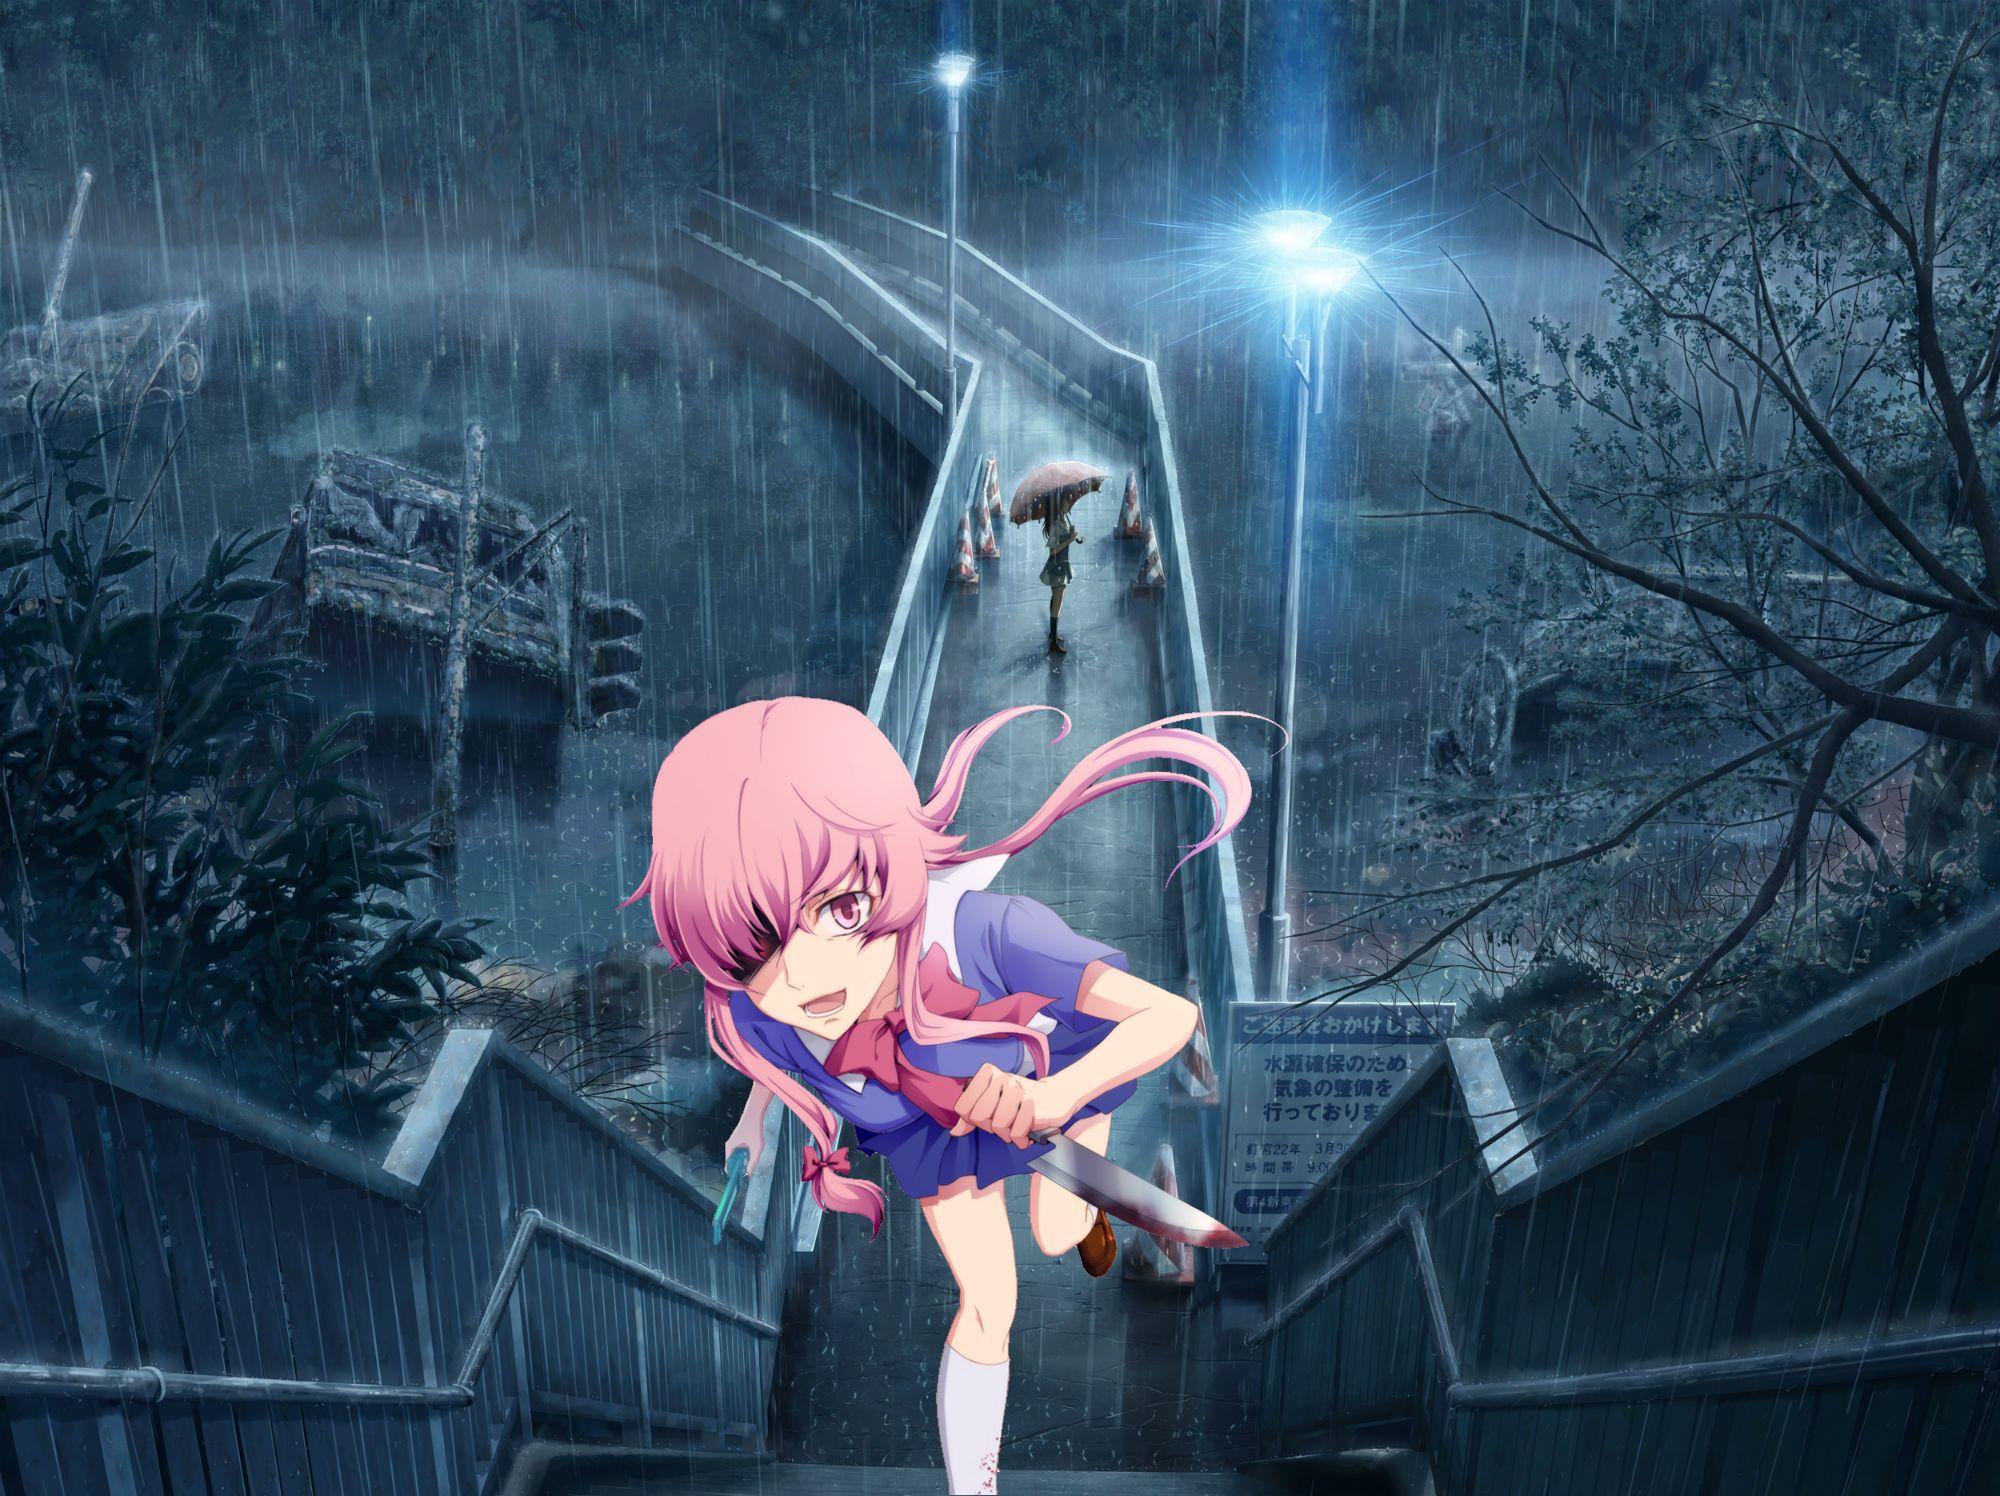 Gasai yuno iphone wallpaper tumblr - Mirai Nikki Future Diary Yuno Gasai 2nd Anime Fanart Wallpapers For Pciphone